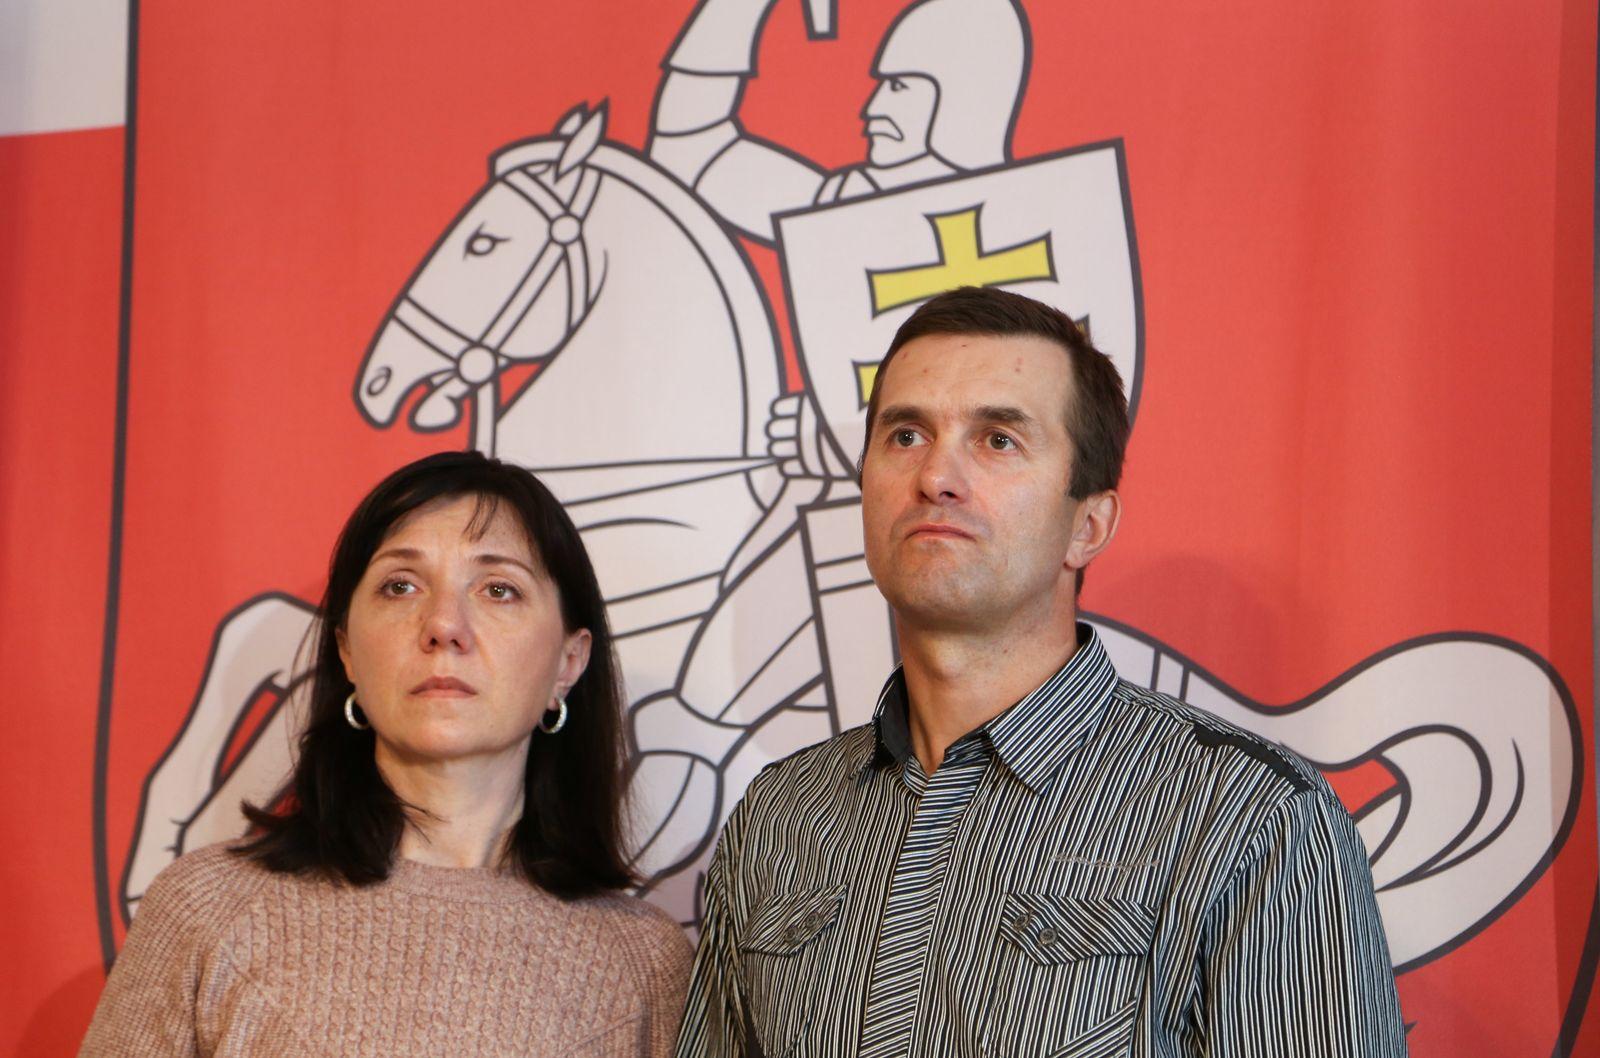 Konflikt mit Belarus - Pressekonferenz Eltern